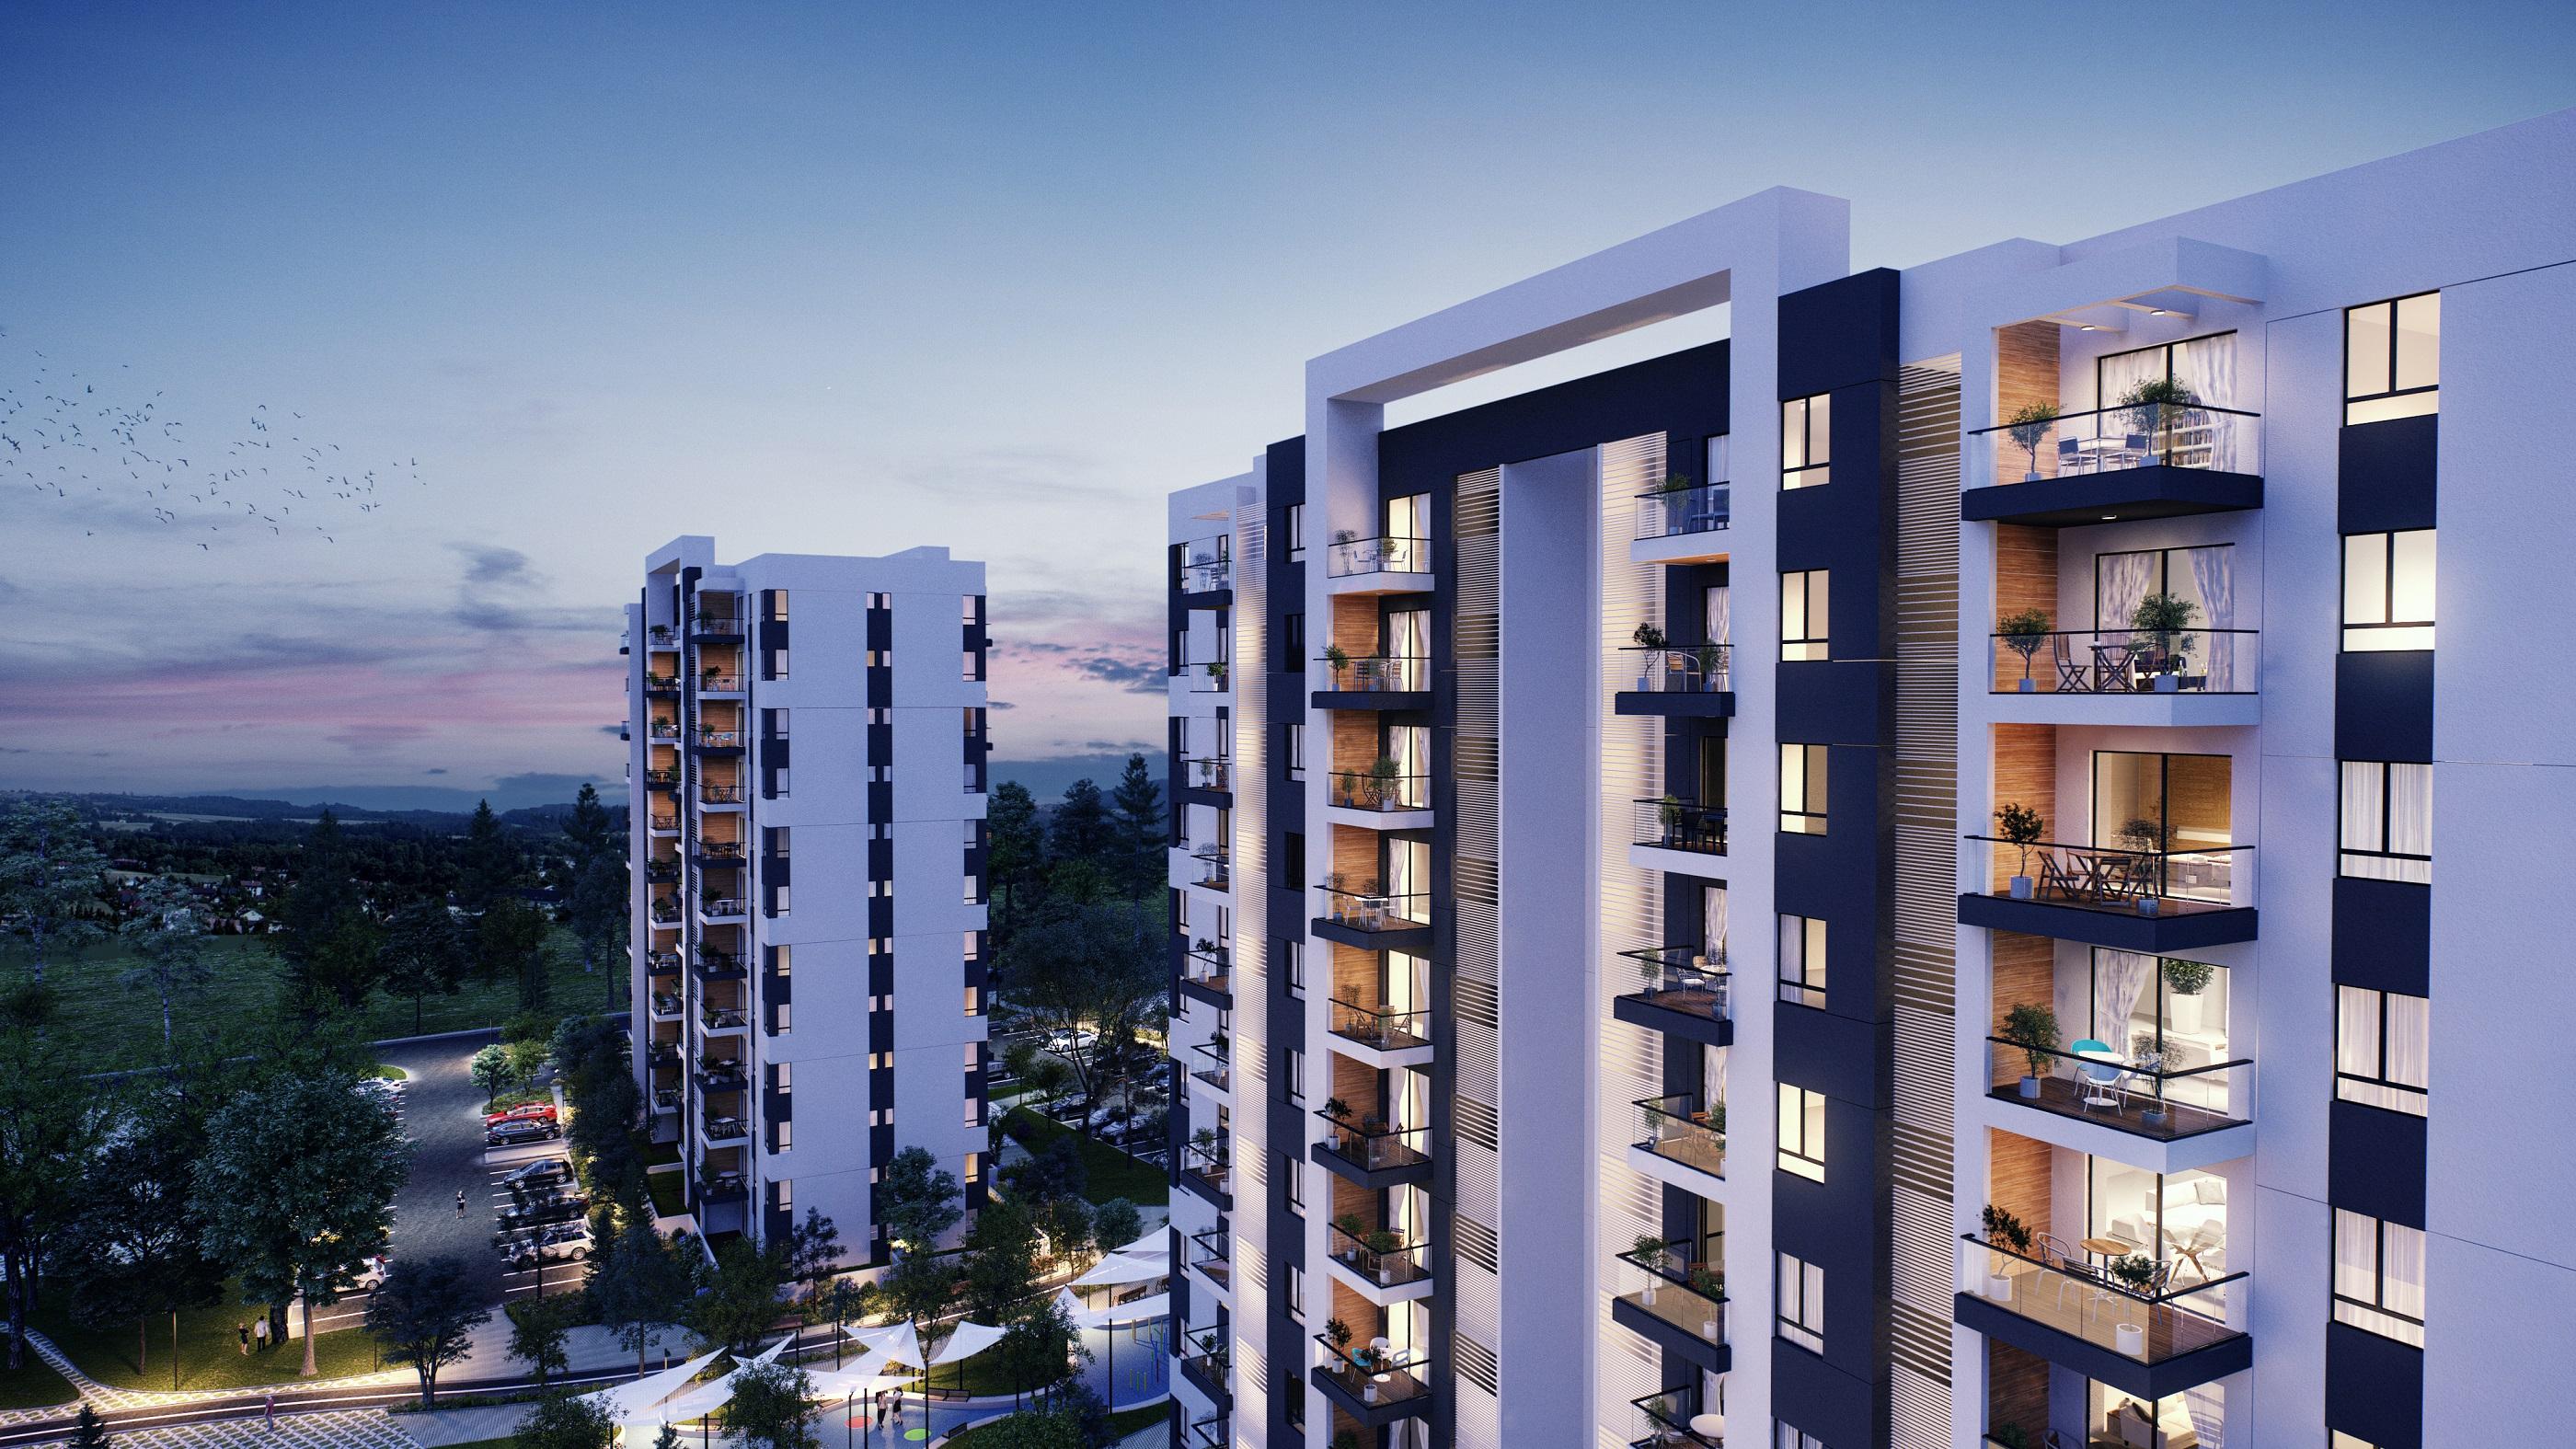 Proiecte rezidențiale importante apar pe harta Capitalei - Afi City